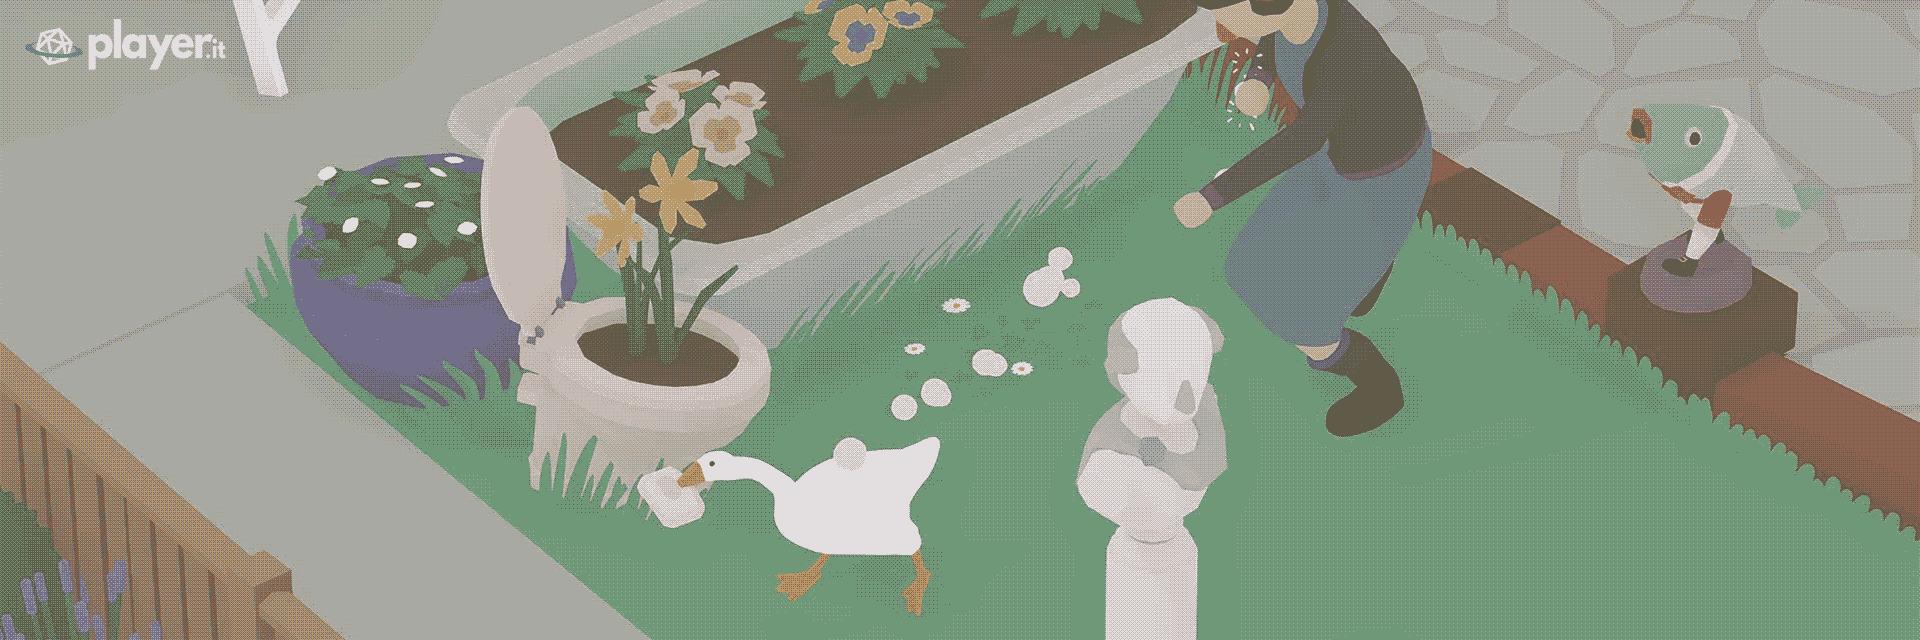 Untitled Goose Game wallpaper e scheda gioco